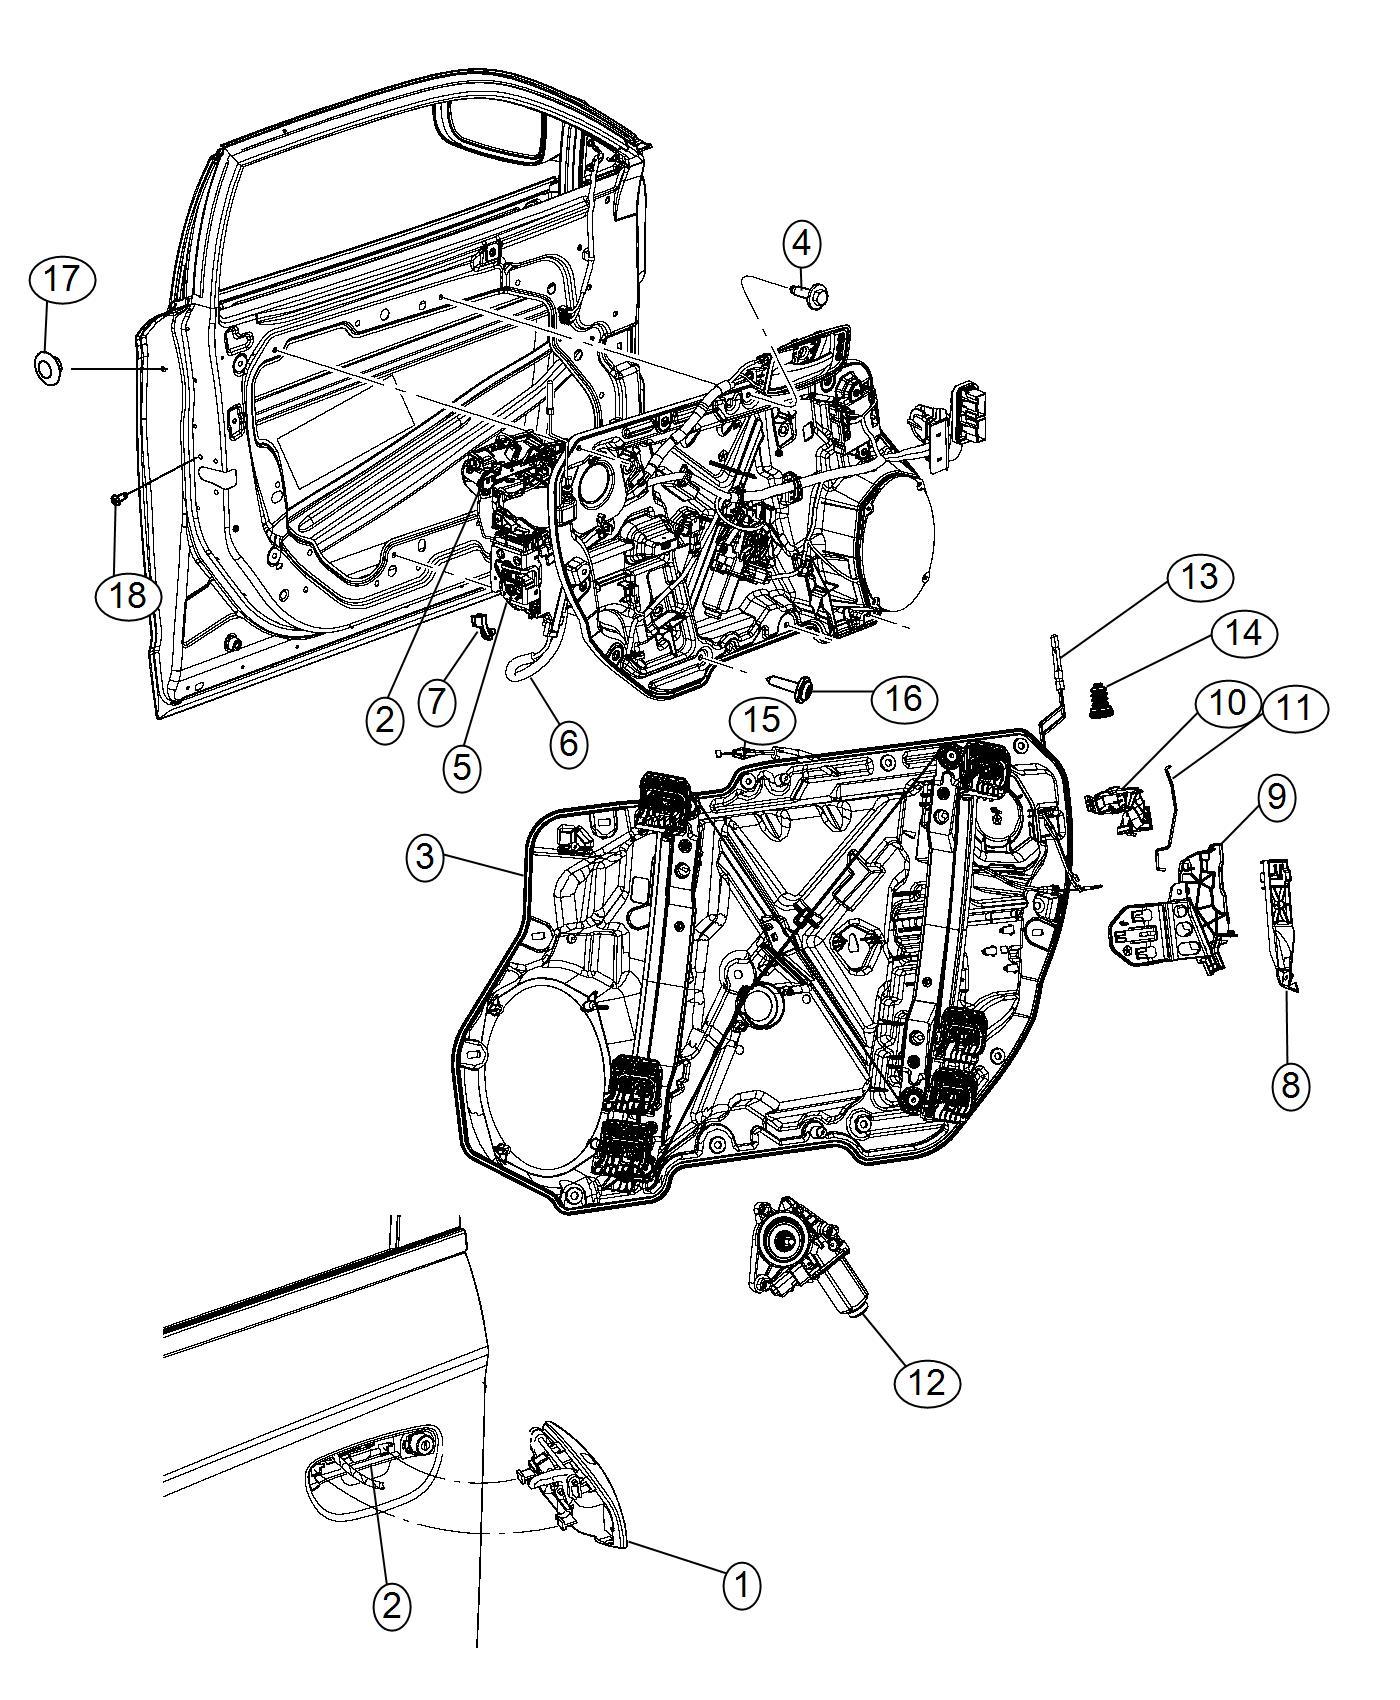 tags: #2006 dodge charger diagram#2001 dodge durango parts diagram#dodge  neon parts diagram#dodge charger rear suspension diagram#2002 dodge durango  parts